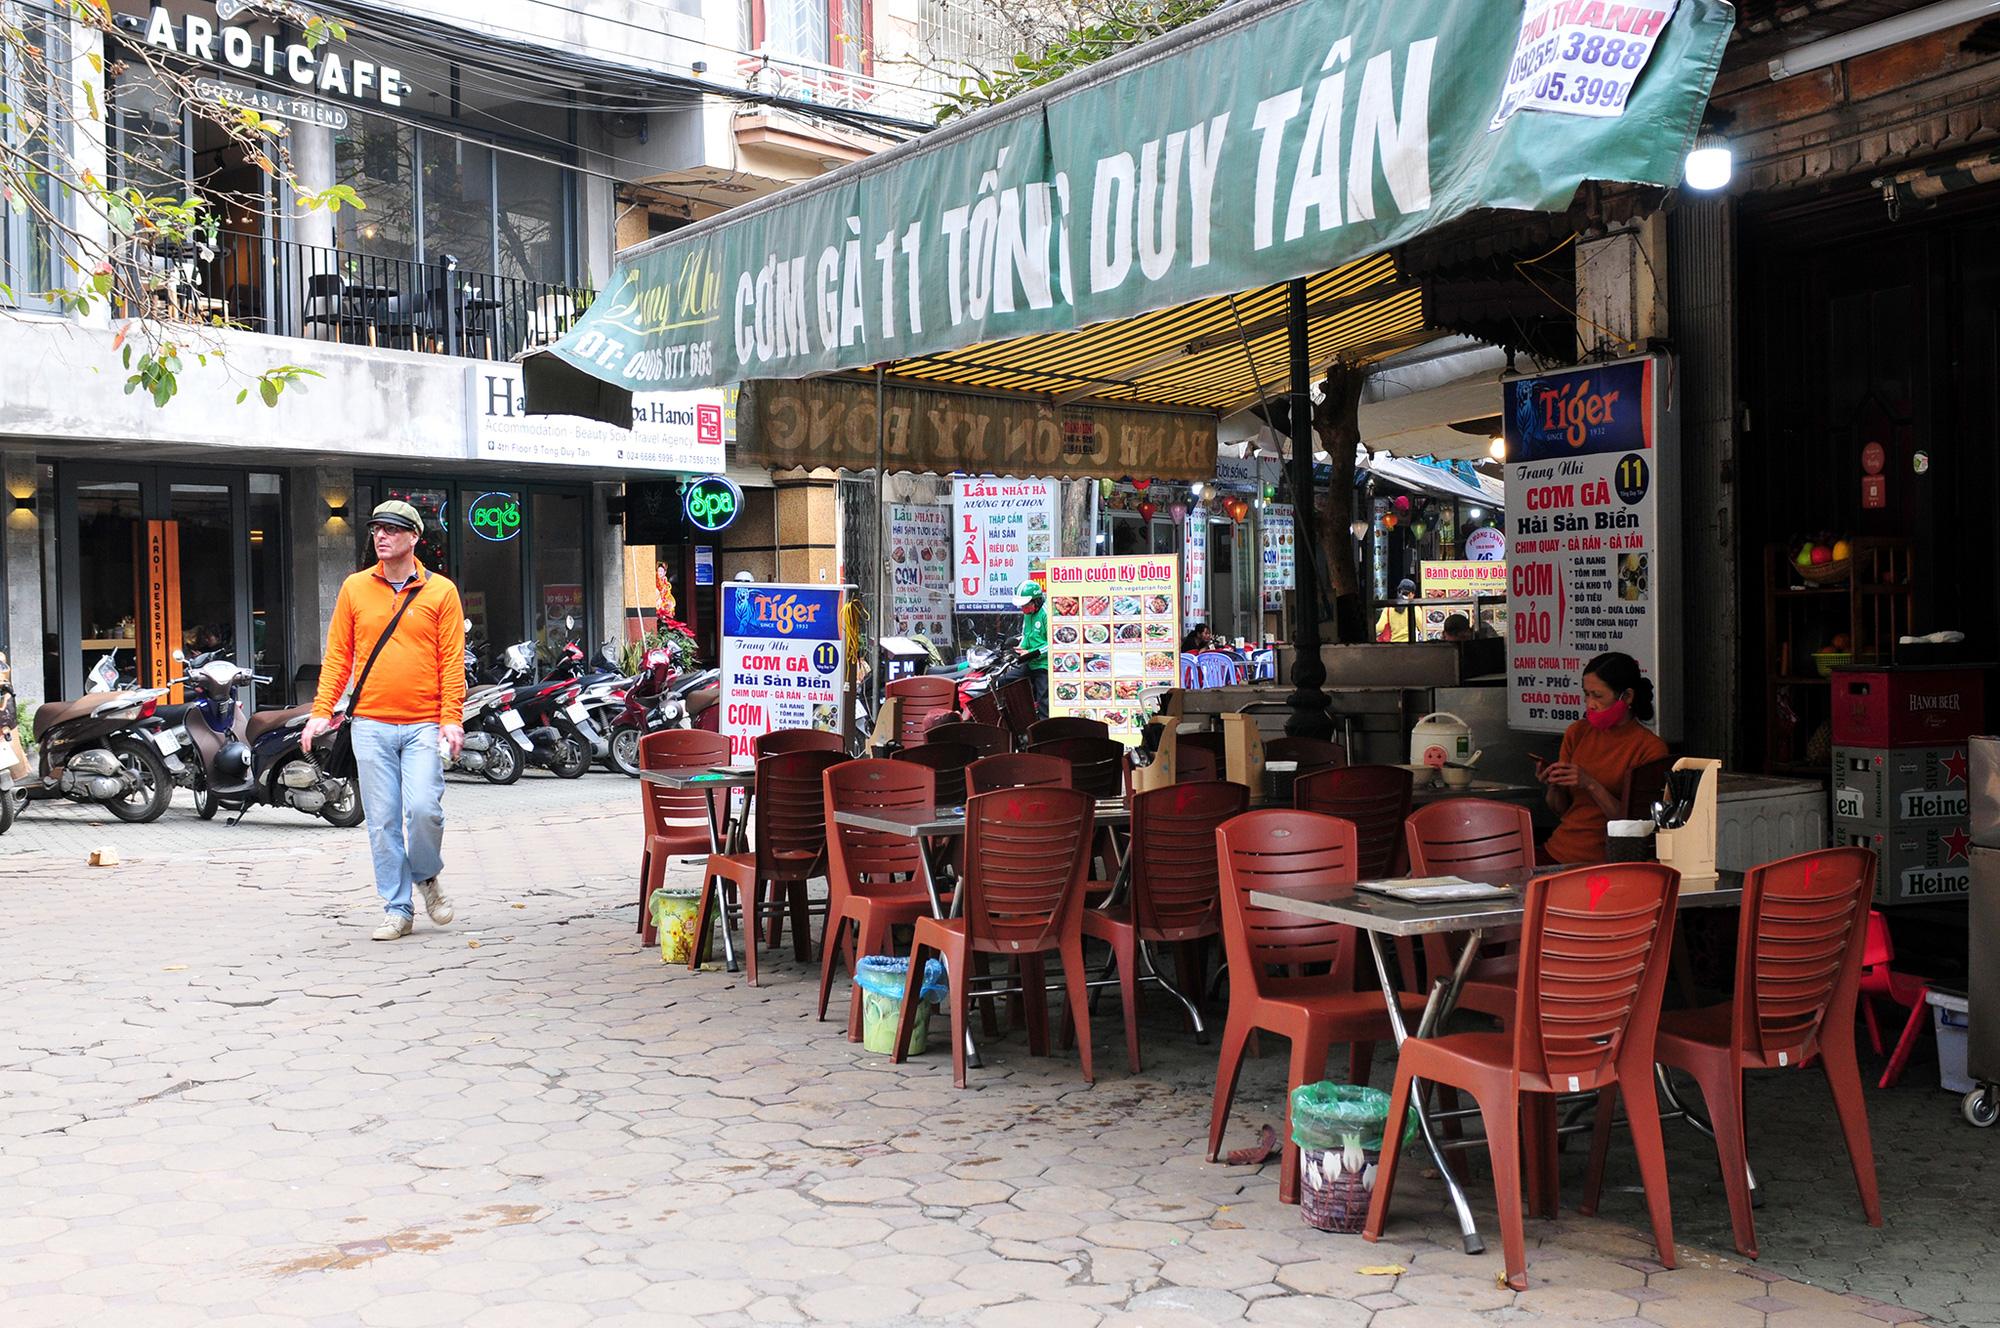 Hàng quán ế ẩm, trung tâm thương mại đìu hiu vì virus corona - Ảnh 3.